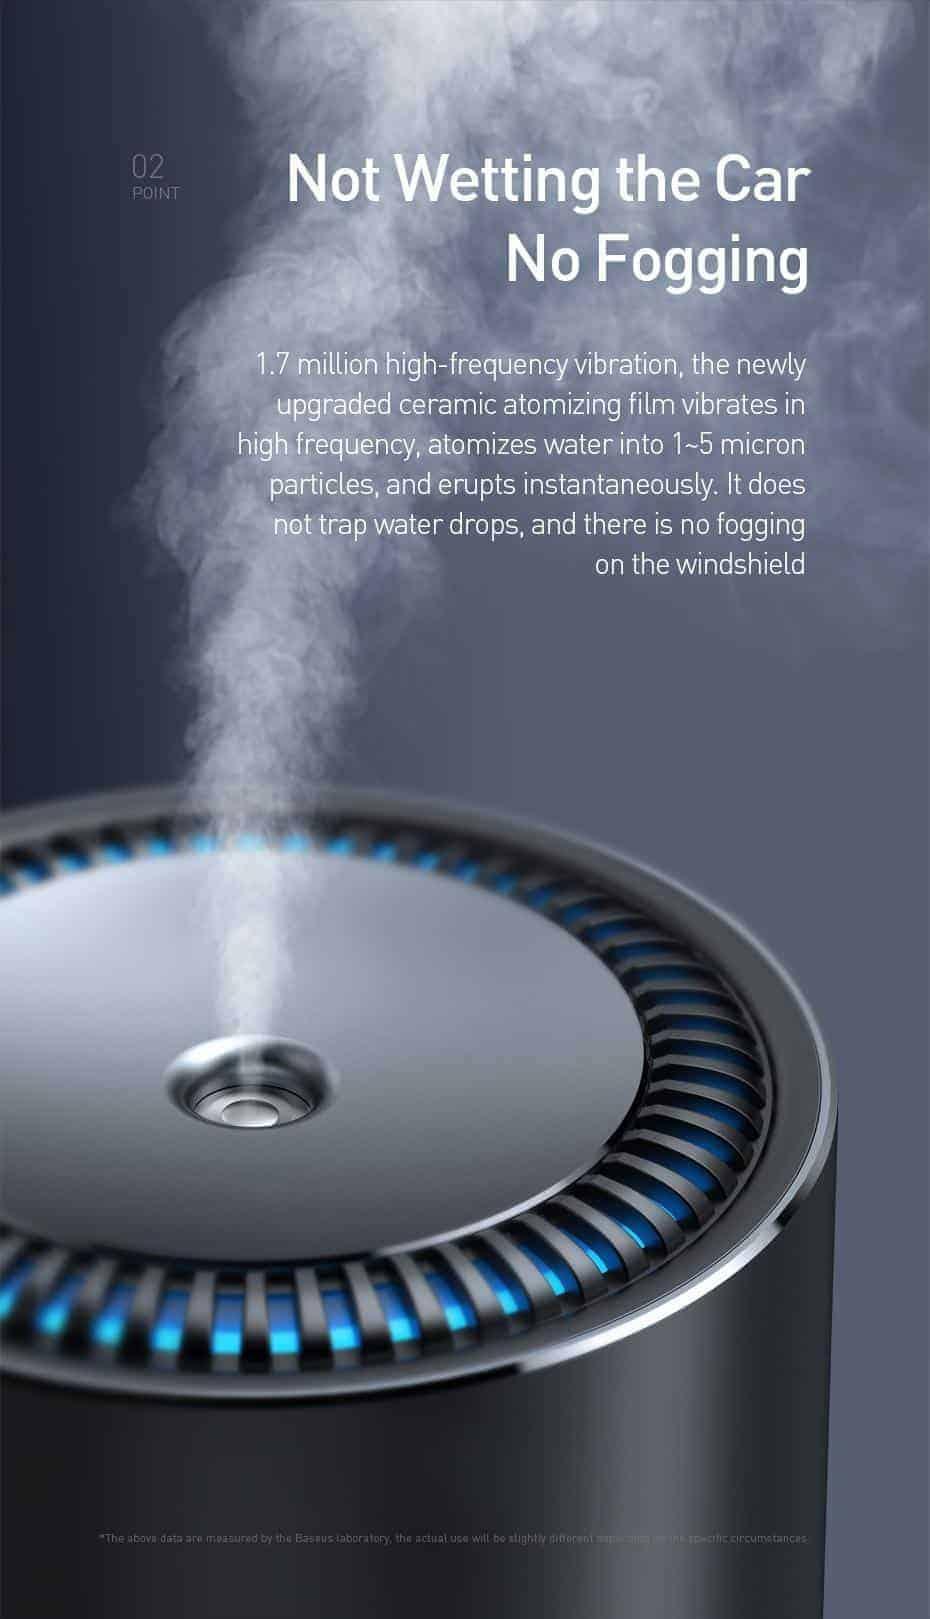 Máy tạo độ ẩm không khí Baseus , thiết kế kim loại sang trọng, thể tích 300ml , làm sạch không khí và tạo độ ẩm cho xe ô tô hoặc văn phòng